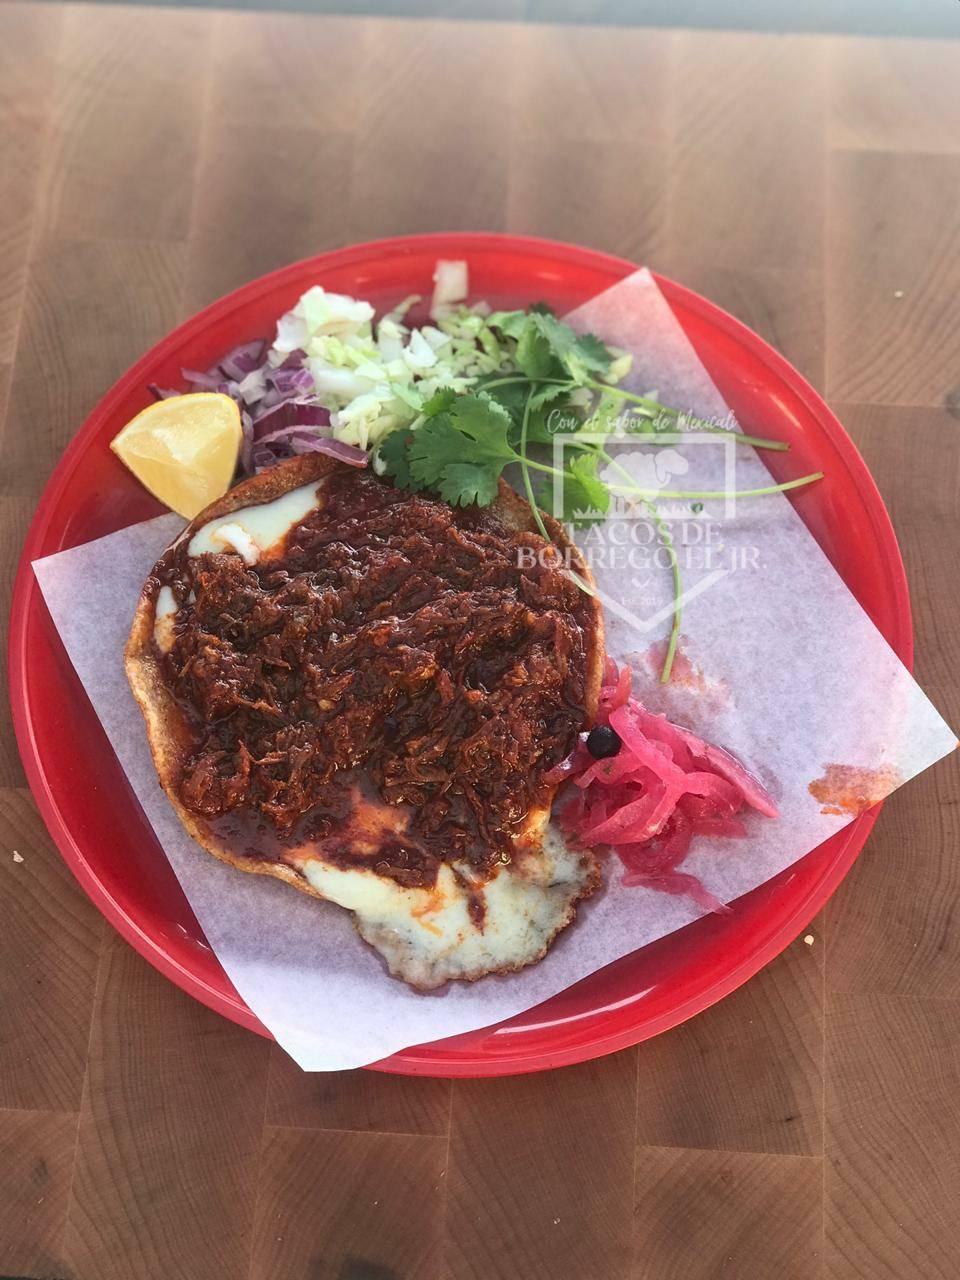 Tacos de borrego el Jr   restaurant   Calle Atoyac 265 B, Luna Park, 22127 Tijuana, B.C., Mexico   526645978694 OR +52 664 597 8694